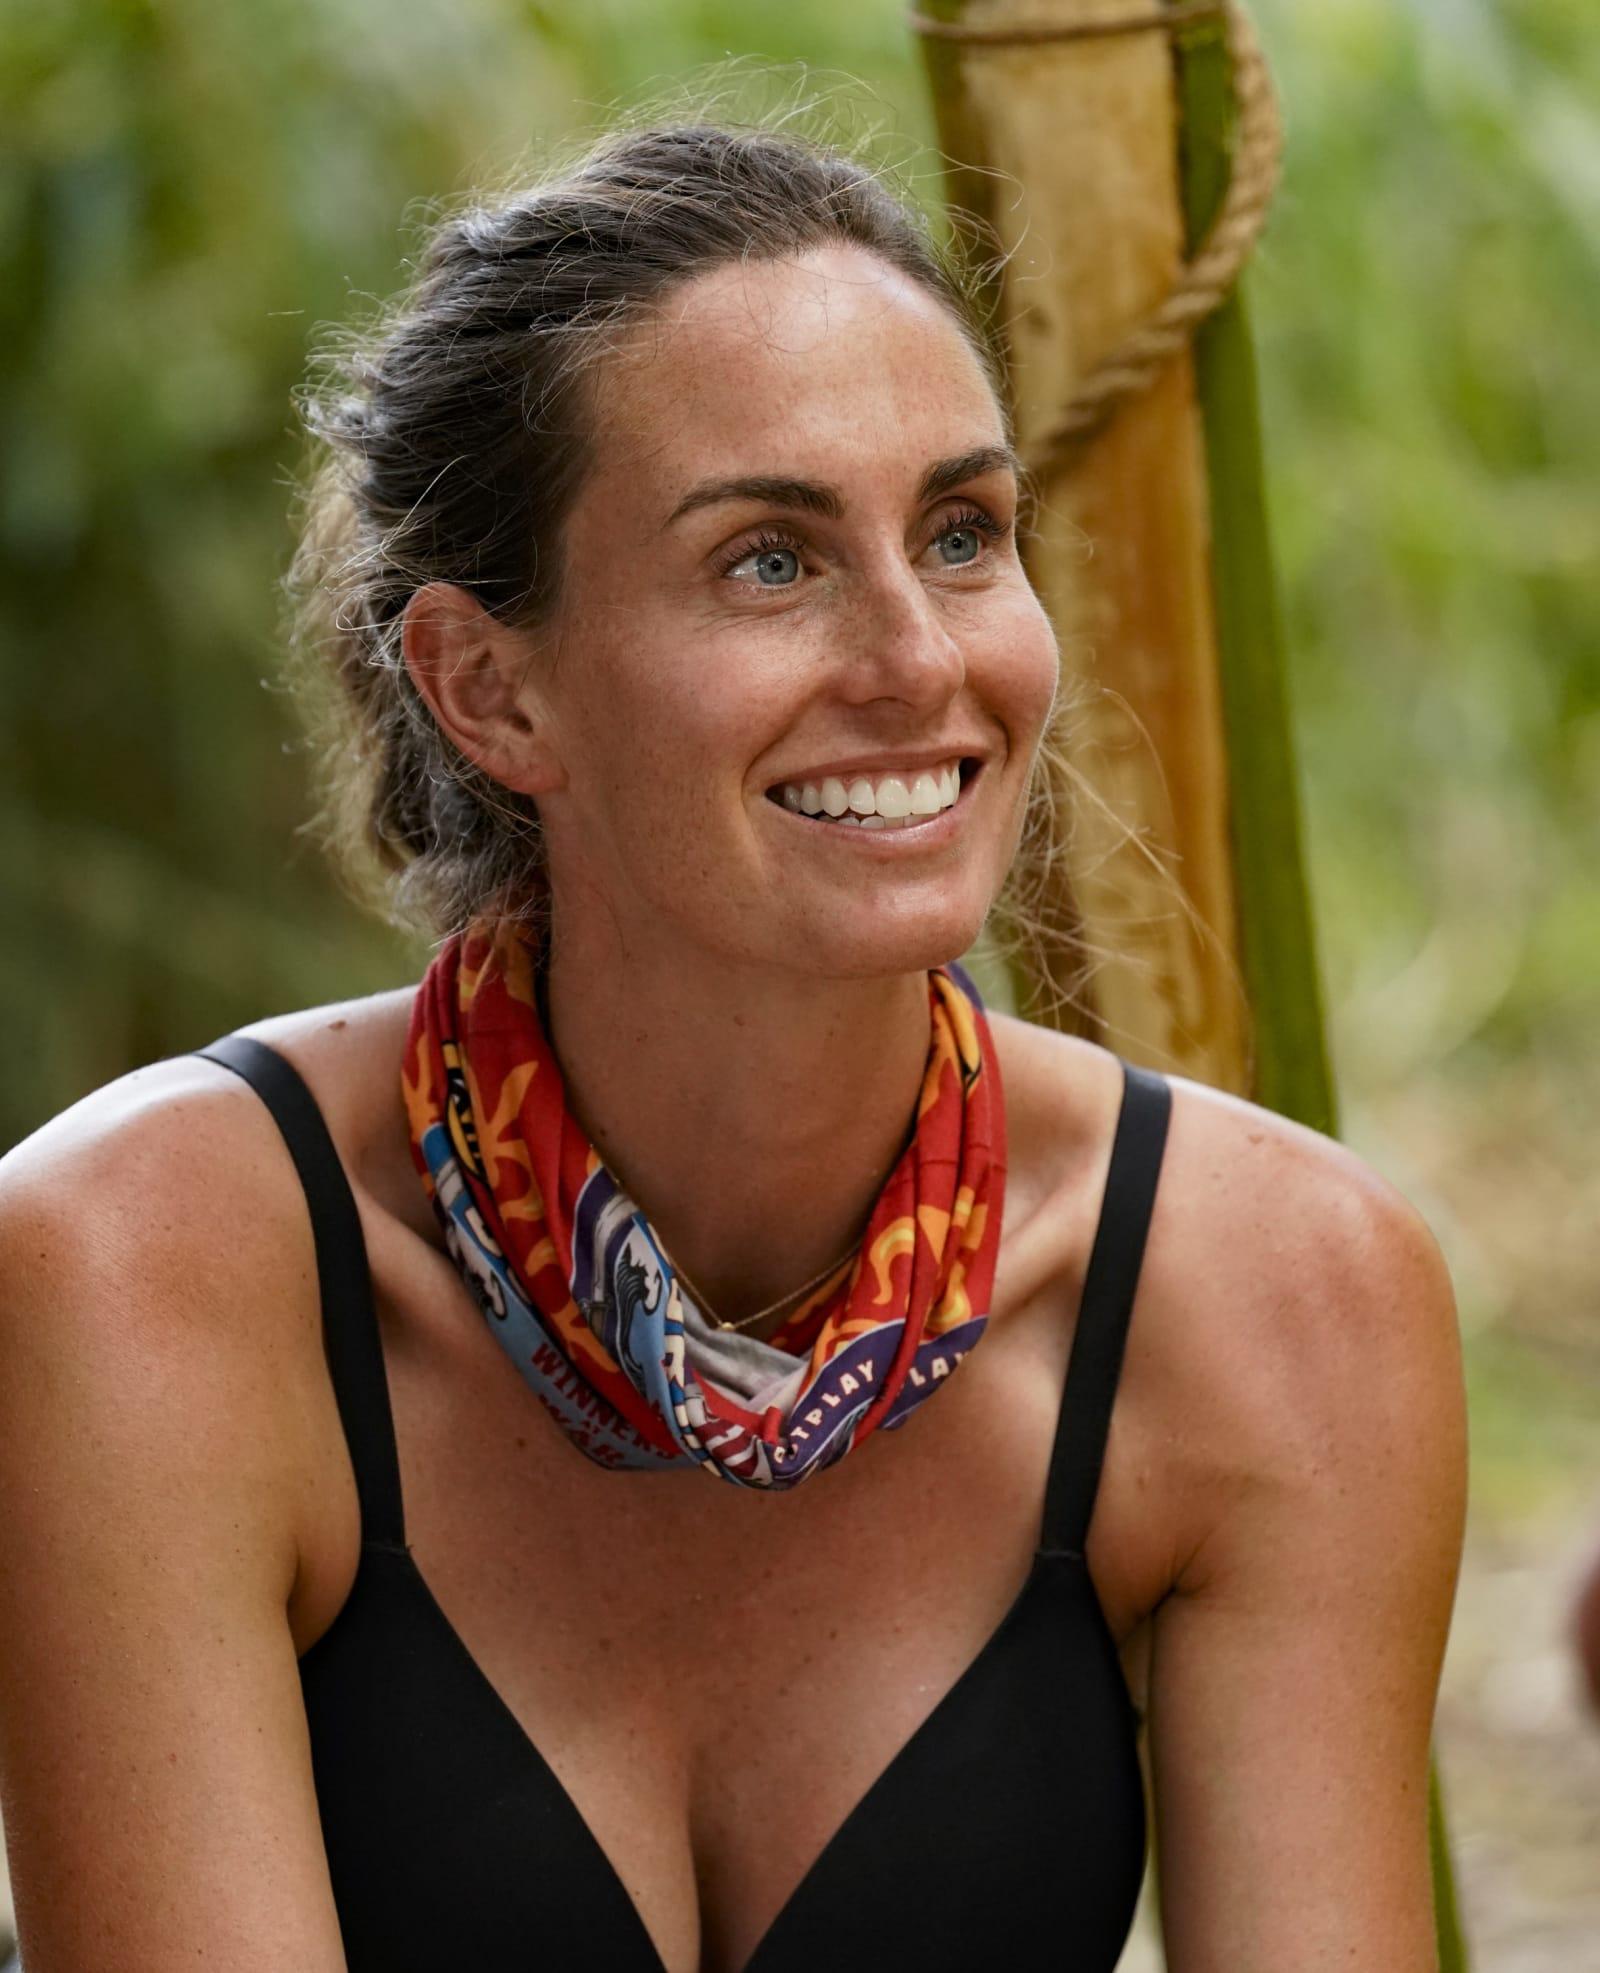 Kim Spradlin smile Survivor Winners at War episode 1